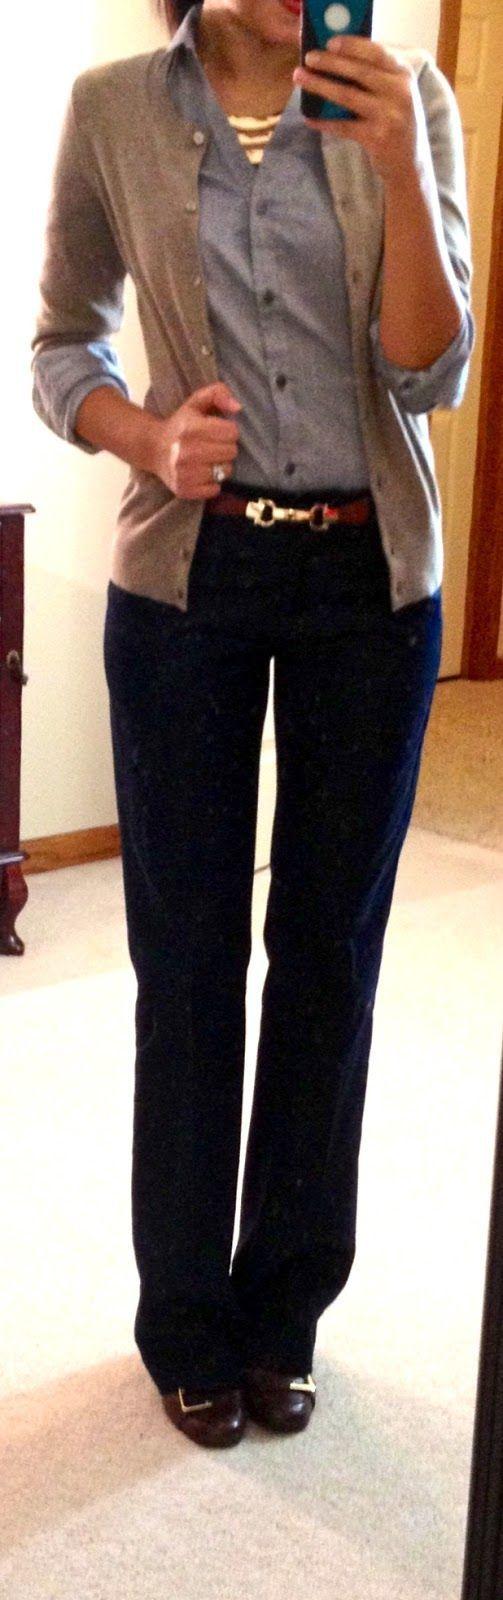 Büro-Outfits: Die richtige Kleidung im Büroalltag alle Regeln und Tabus #workoutfitswomen